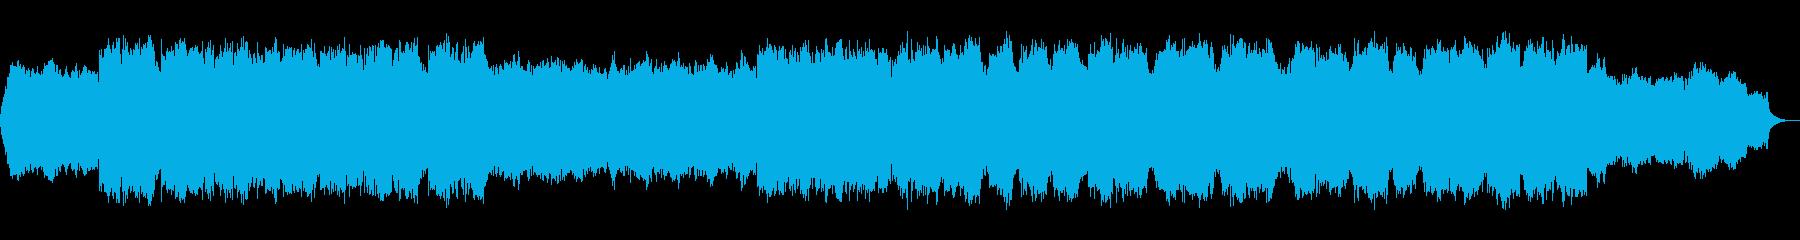 幻想的な笛のヒーリング音楽の再生済みの波形